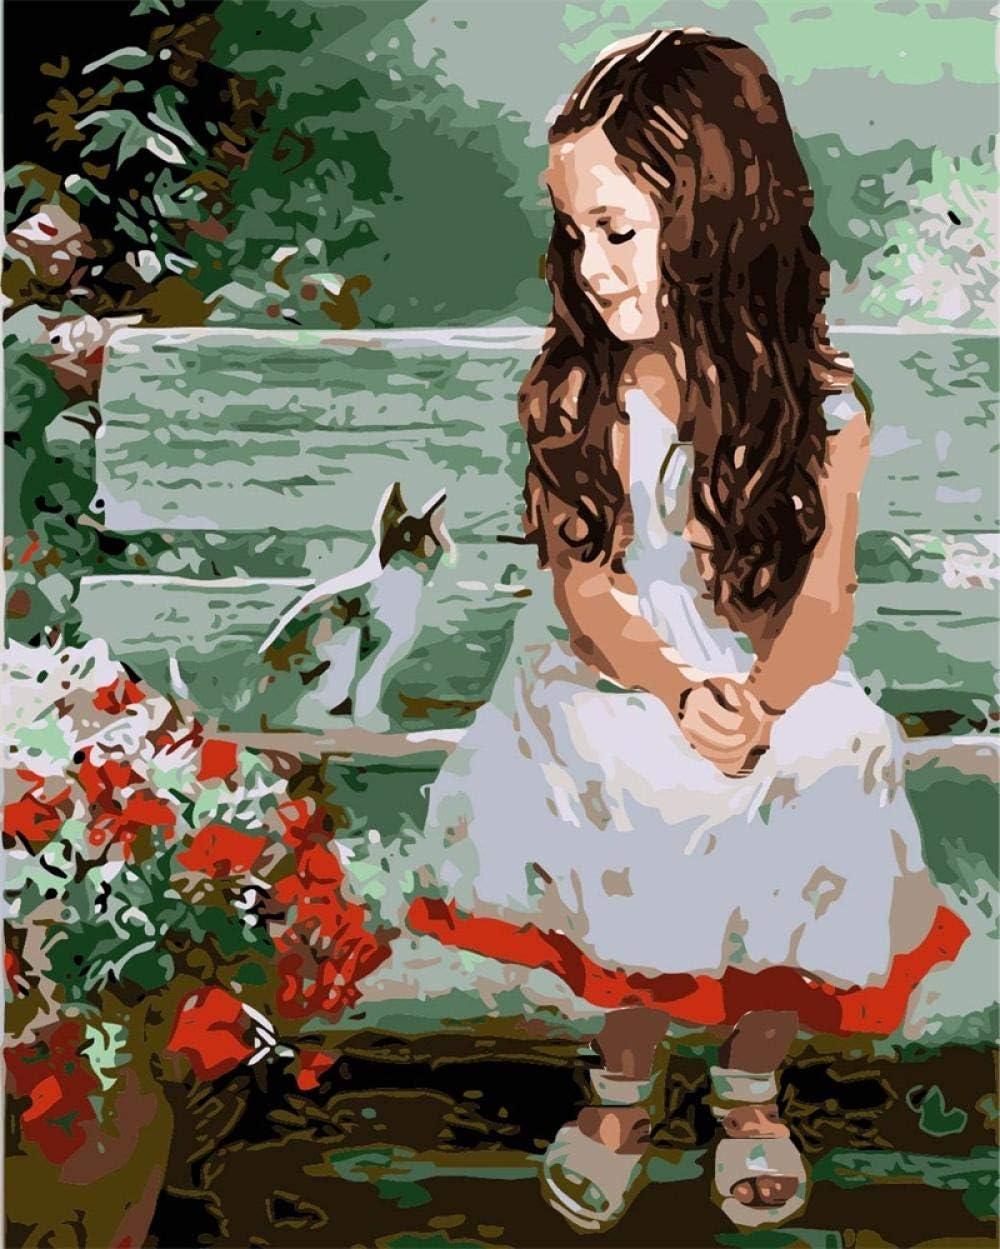 GenericBrands Pintar por números - Gato y niña Tumbona de jardín - DIY Pintura al óleo Lienzo por números Niños Pintura acrílica hogar Salón de la Oficina Pintura 40X50cm Sin Marco